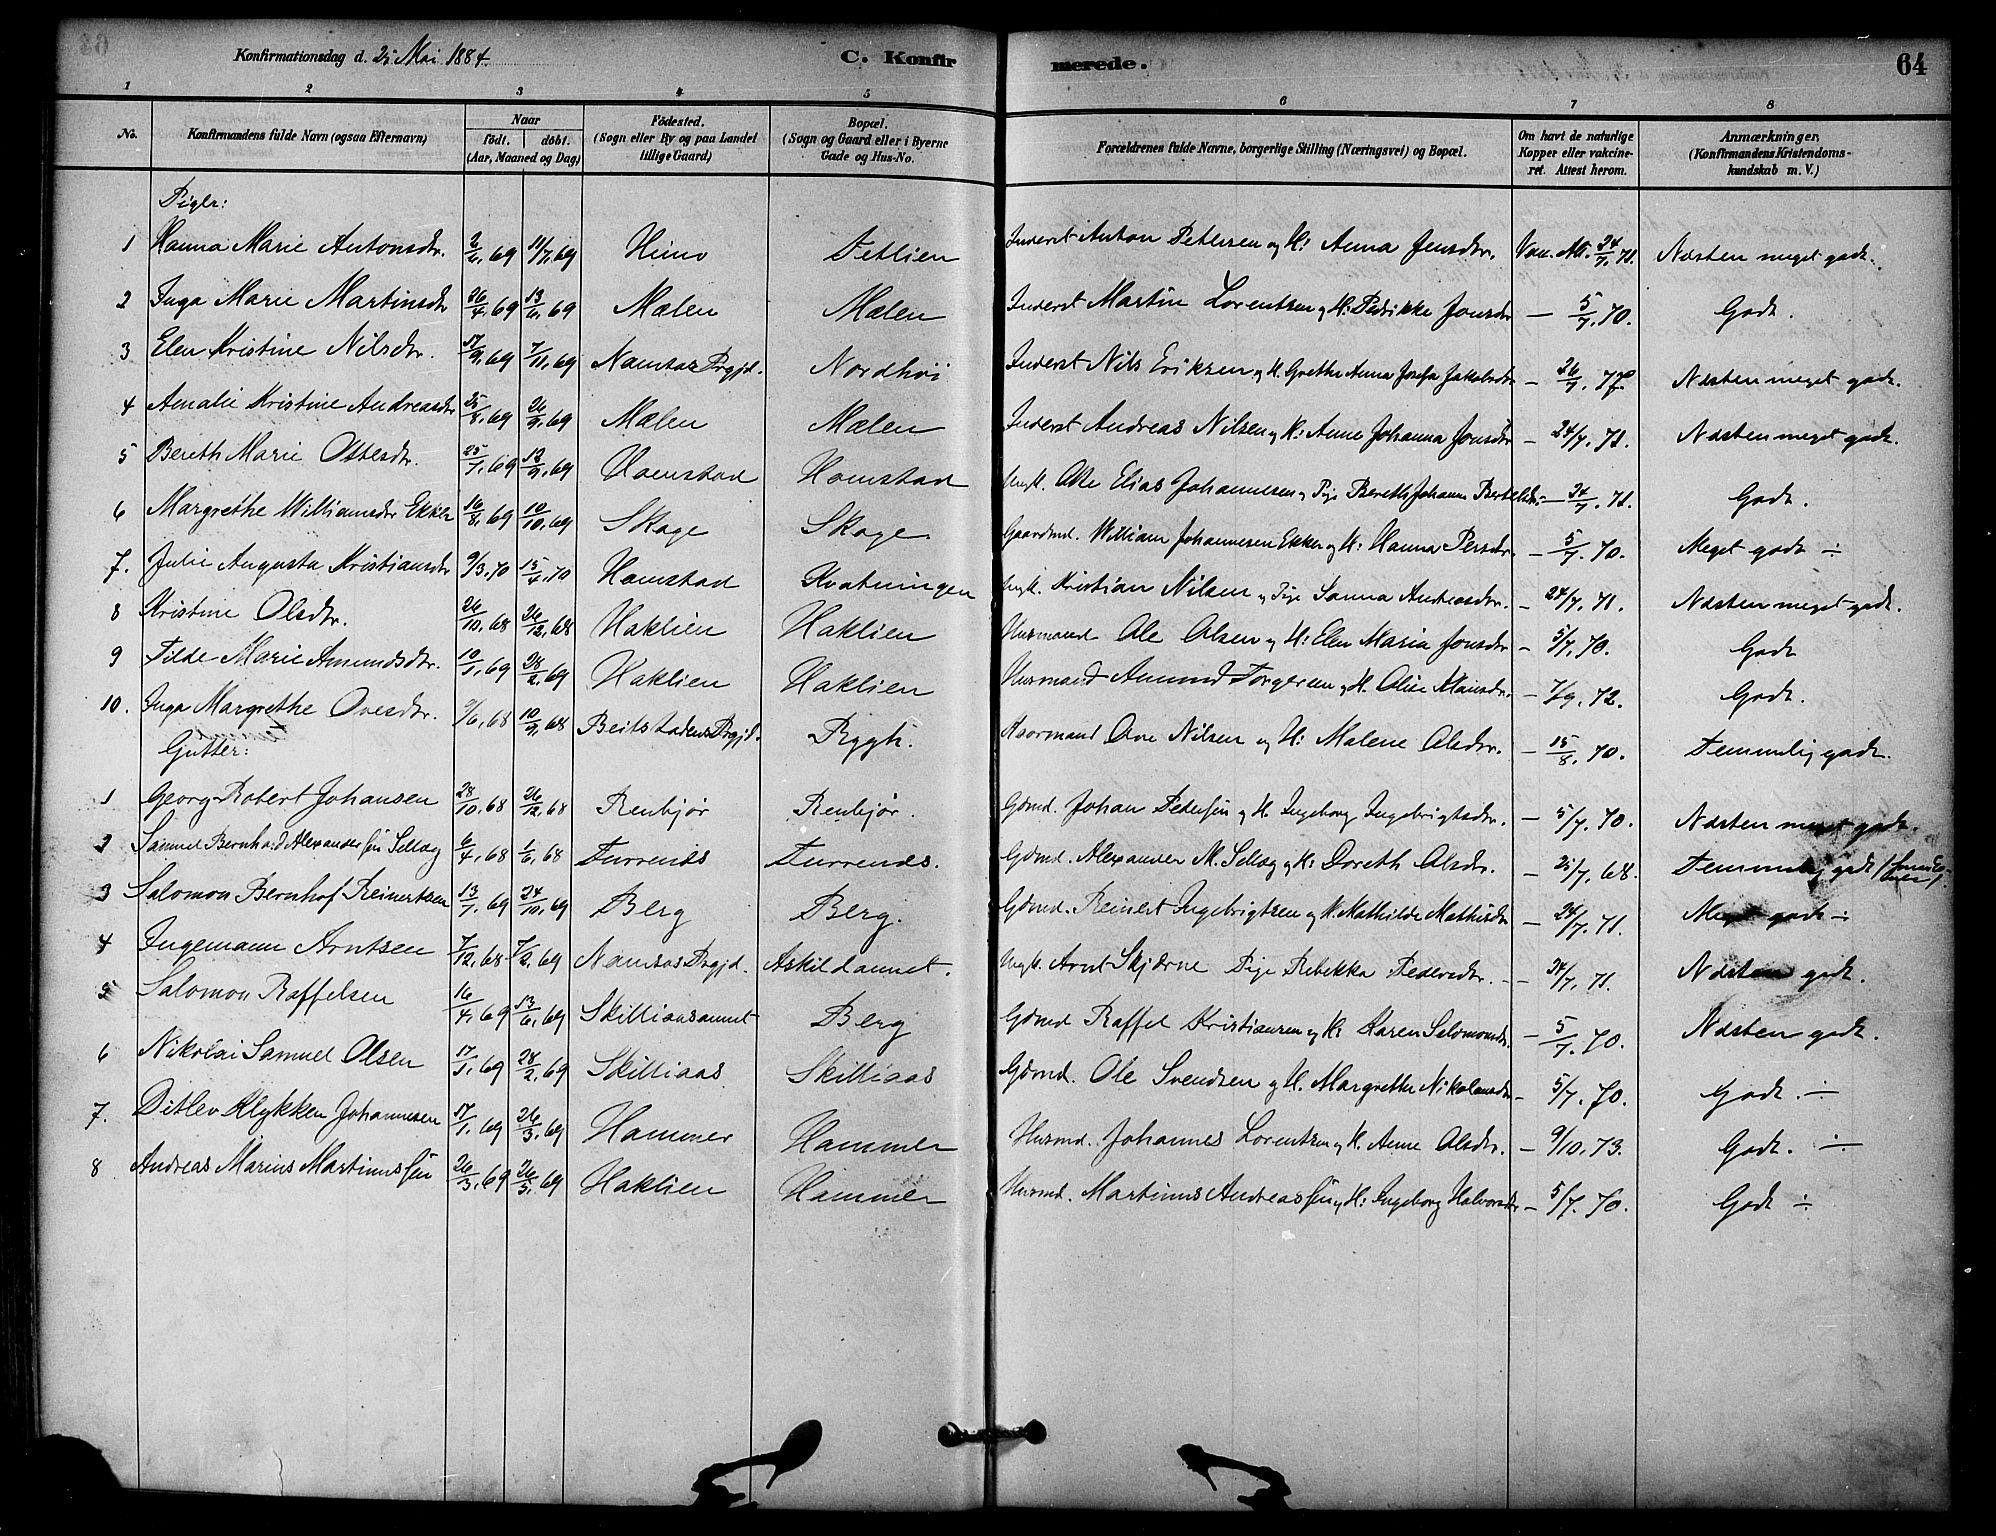 SAT, Ministerialprotokoller, klokkerbøker og fødselsregistre - Nord-Trøndelag, 766/L0563: Ministerialbok nr. 767A01, 1881-1899, s. 64